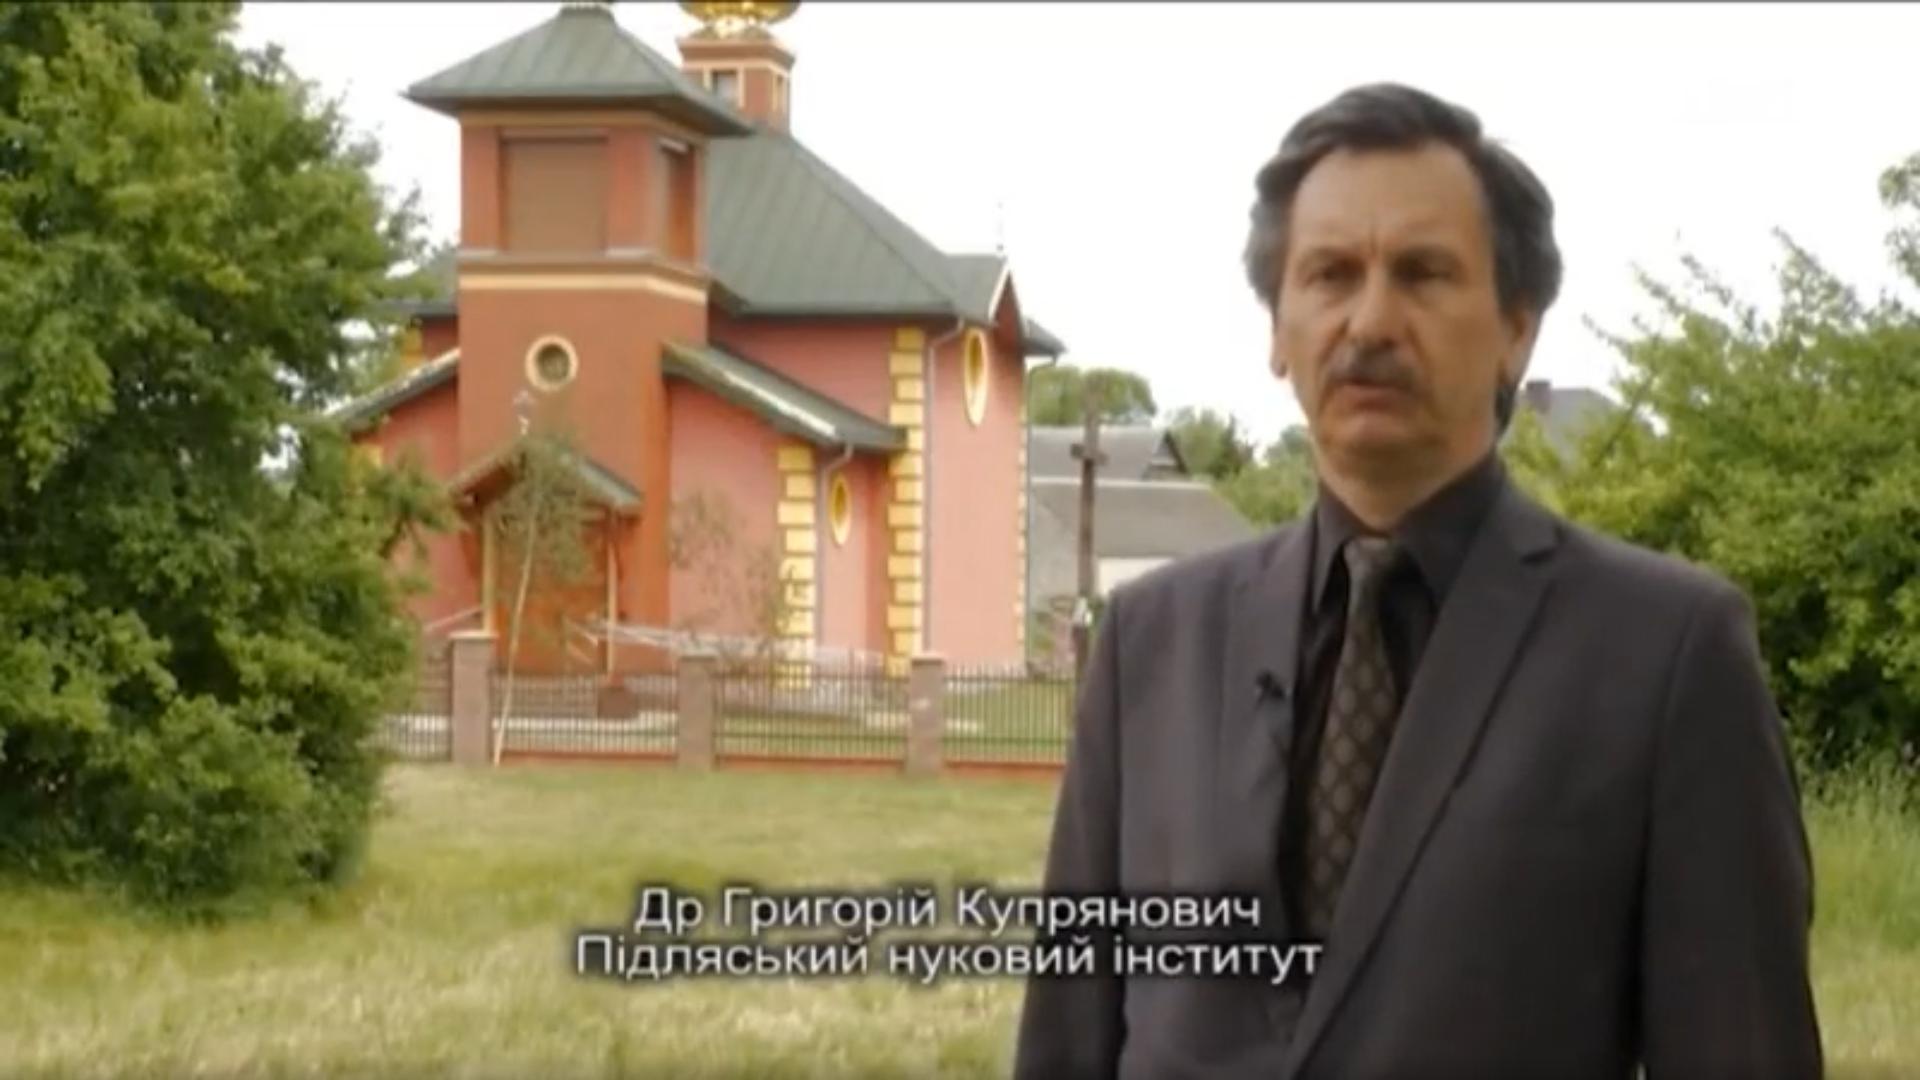 13 червня 2021 року у телепрограмі  «Український перегляд» виступив директор ПНІ, д-р Григорій Купріянович